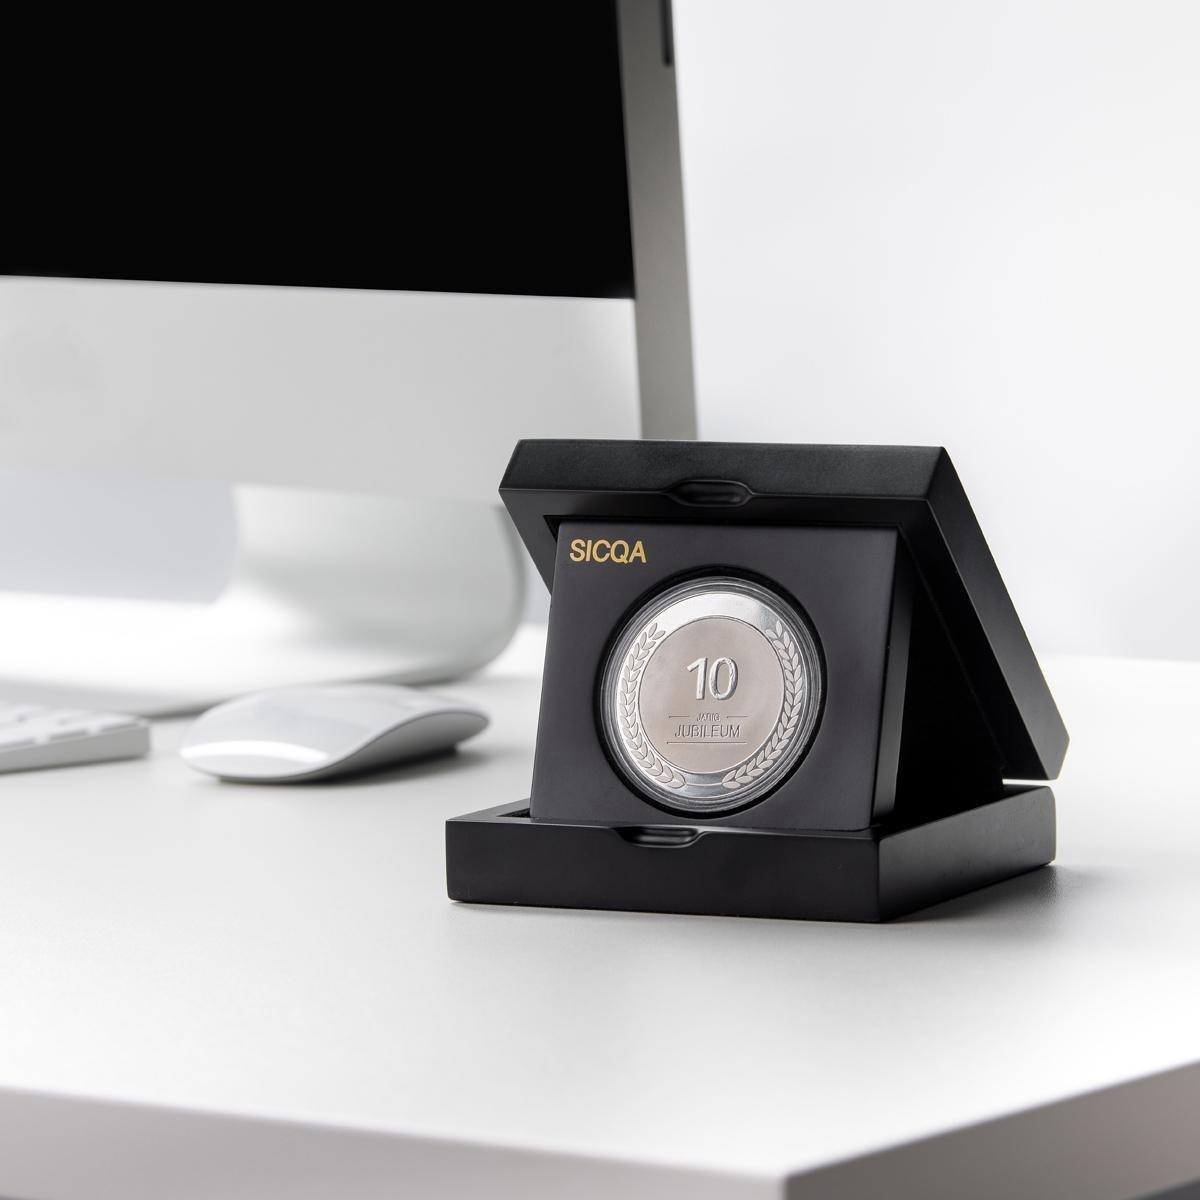 Sicqa | Puur verzilverde munt | 40 Jaar | Luxe geschenkverpakking | Jubileum cadeau | Cadeau | Huwelijk | Huwelijkscadeau | Geschenk | Geschenkset | Cadeaupakket